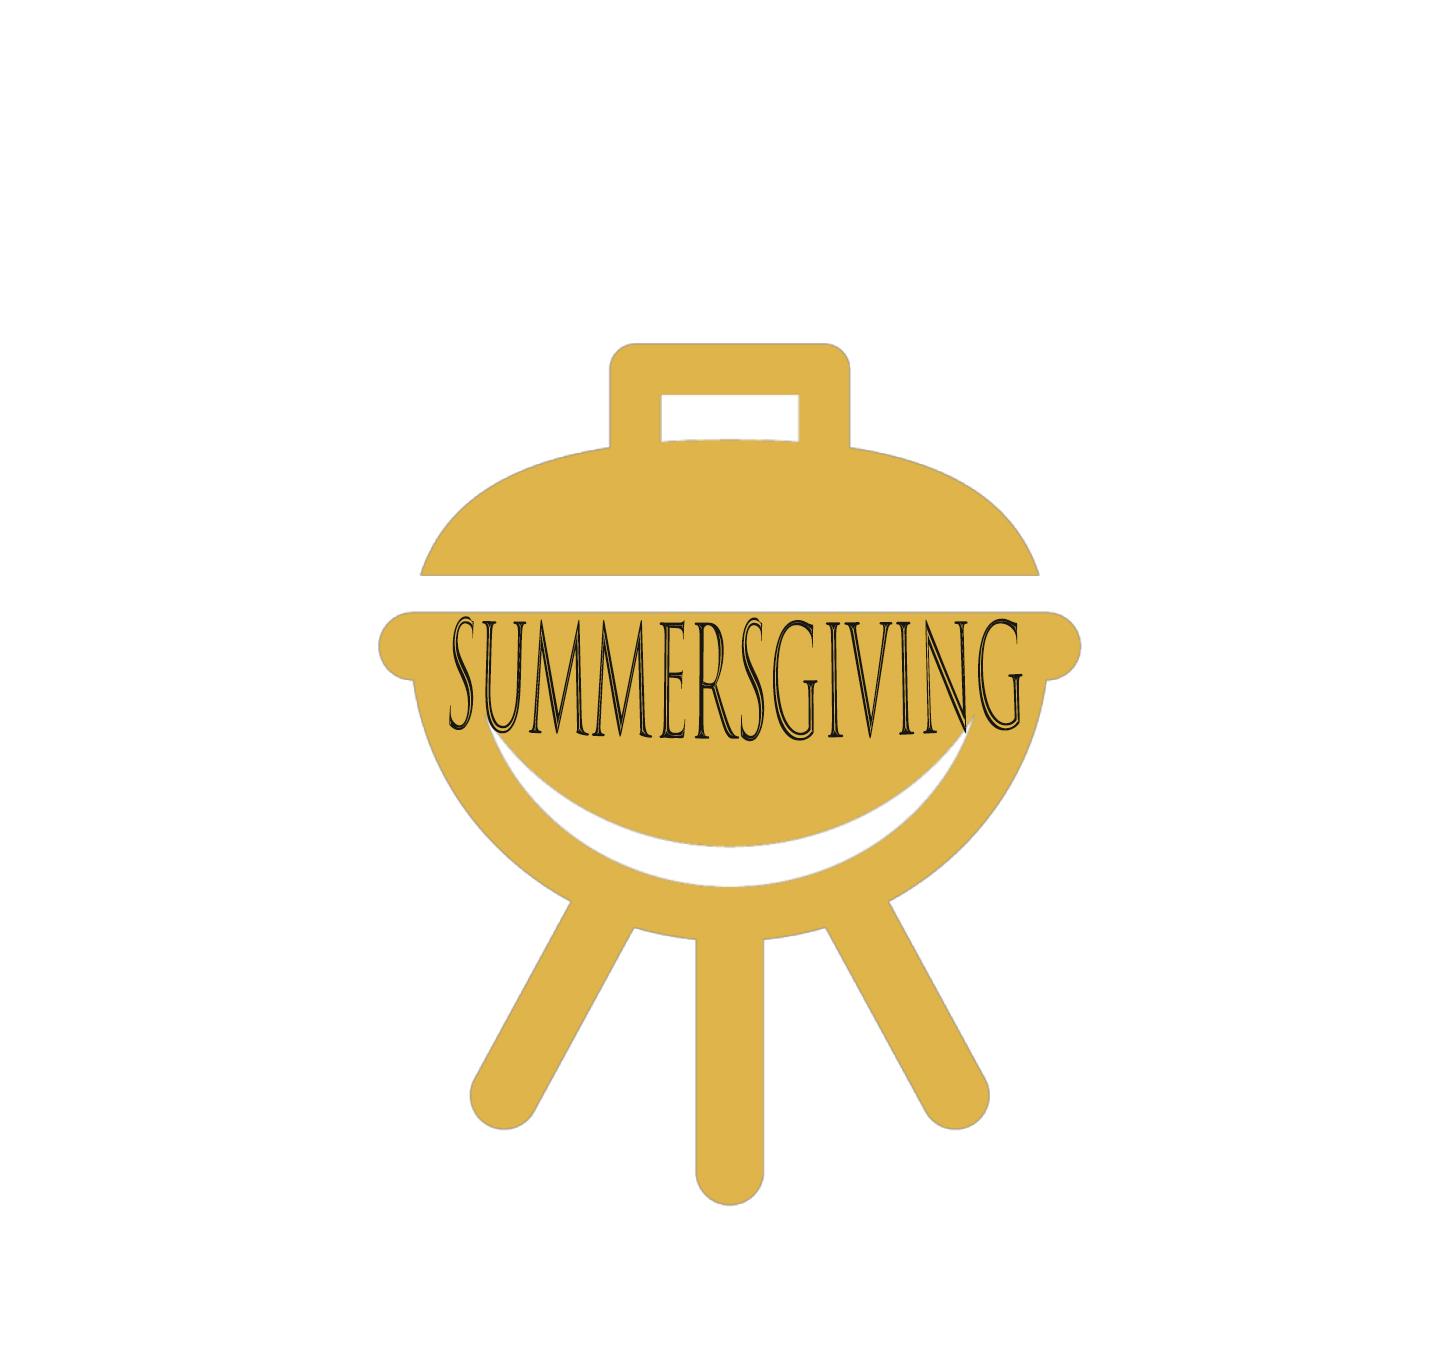 Summersgiving Logo